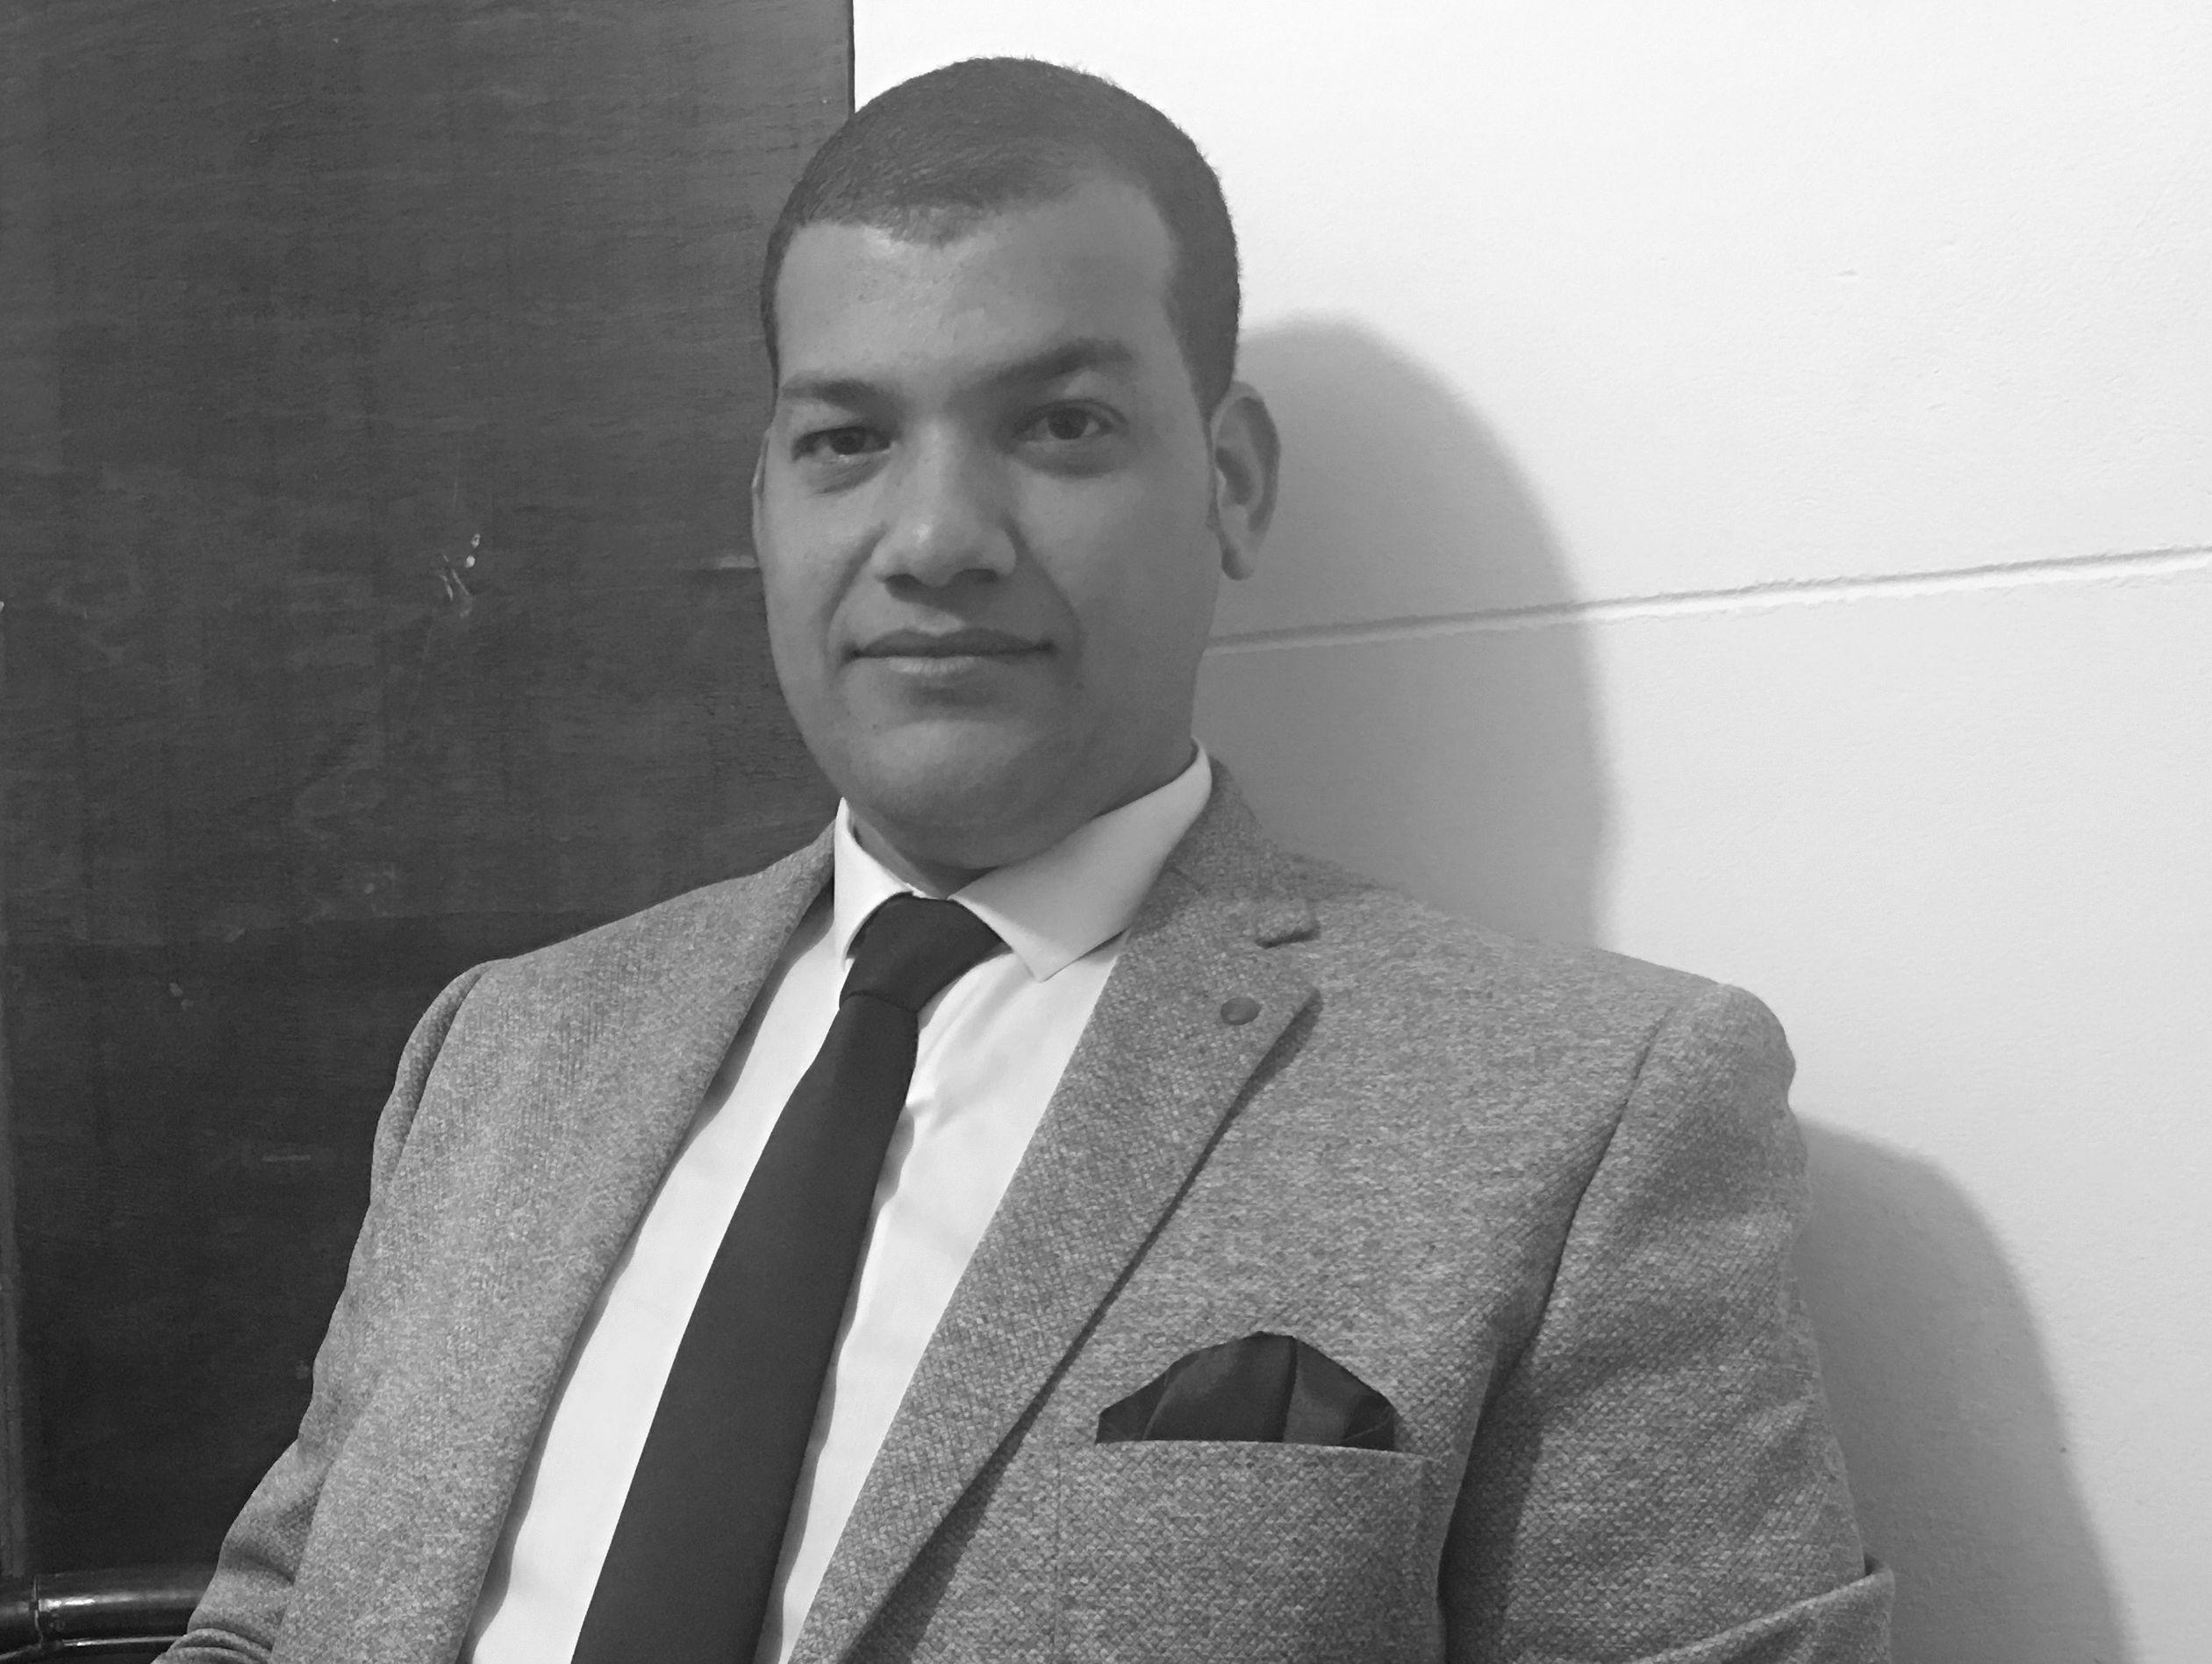 أحمد عز العرب Headshot